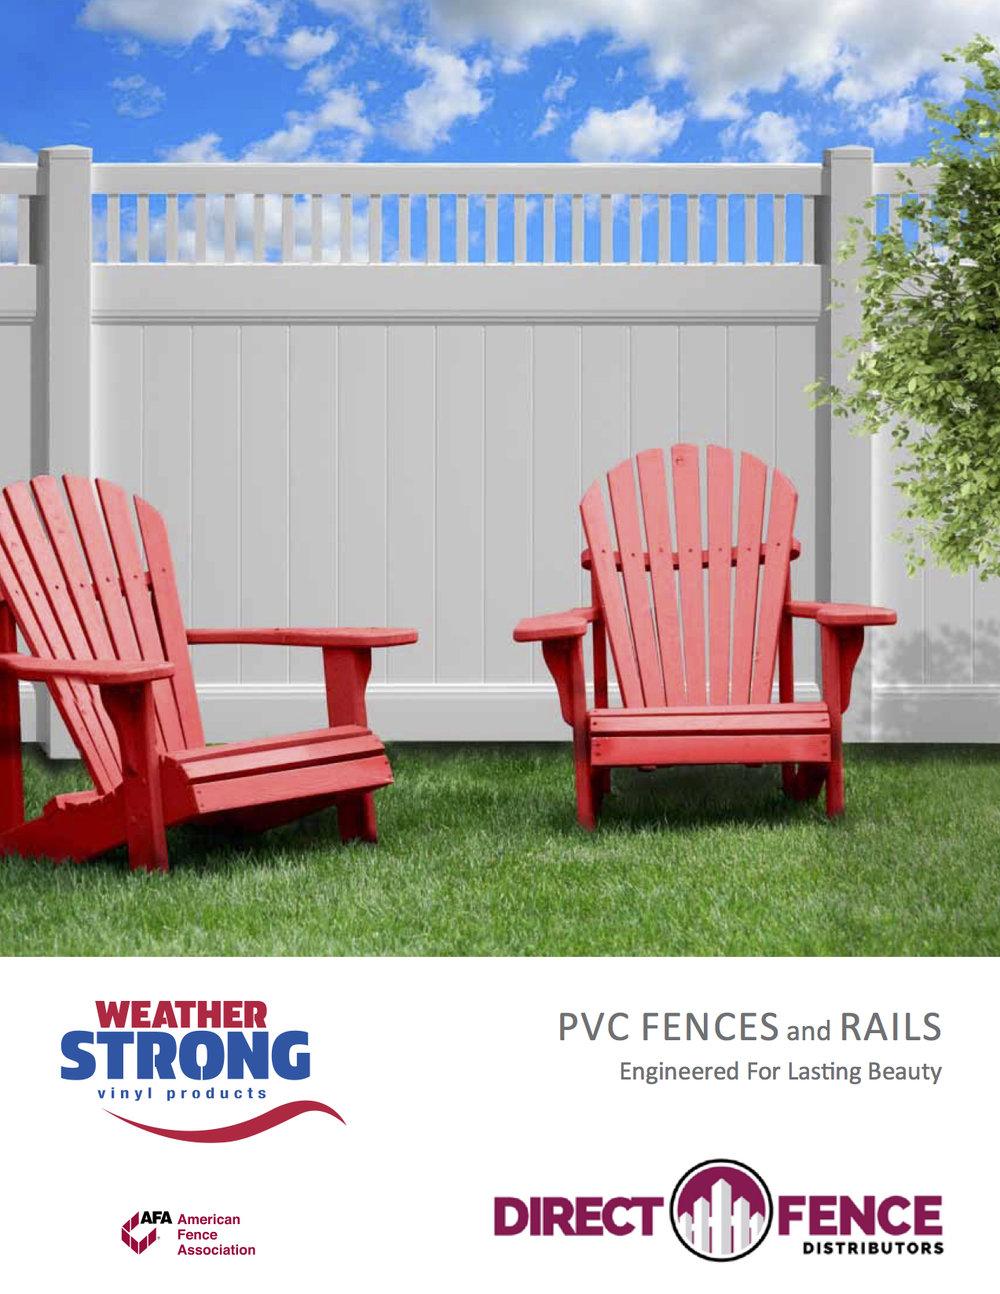 vinyl fence Jackson NJ brochure